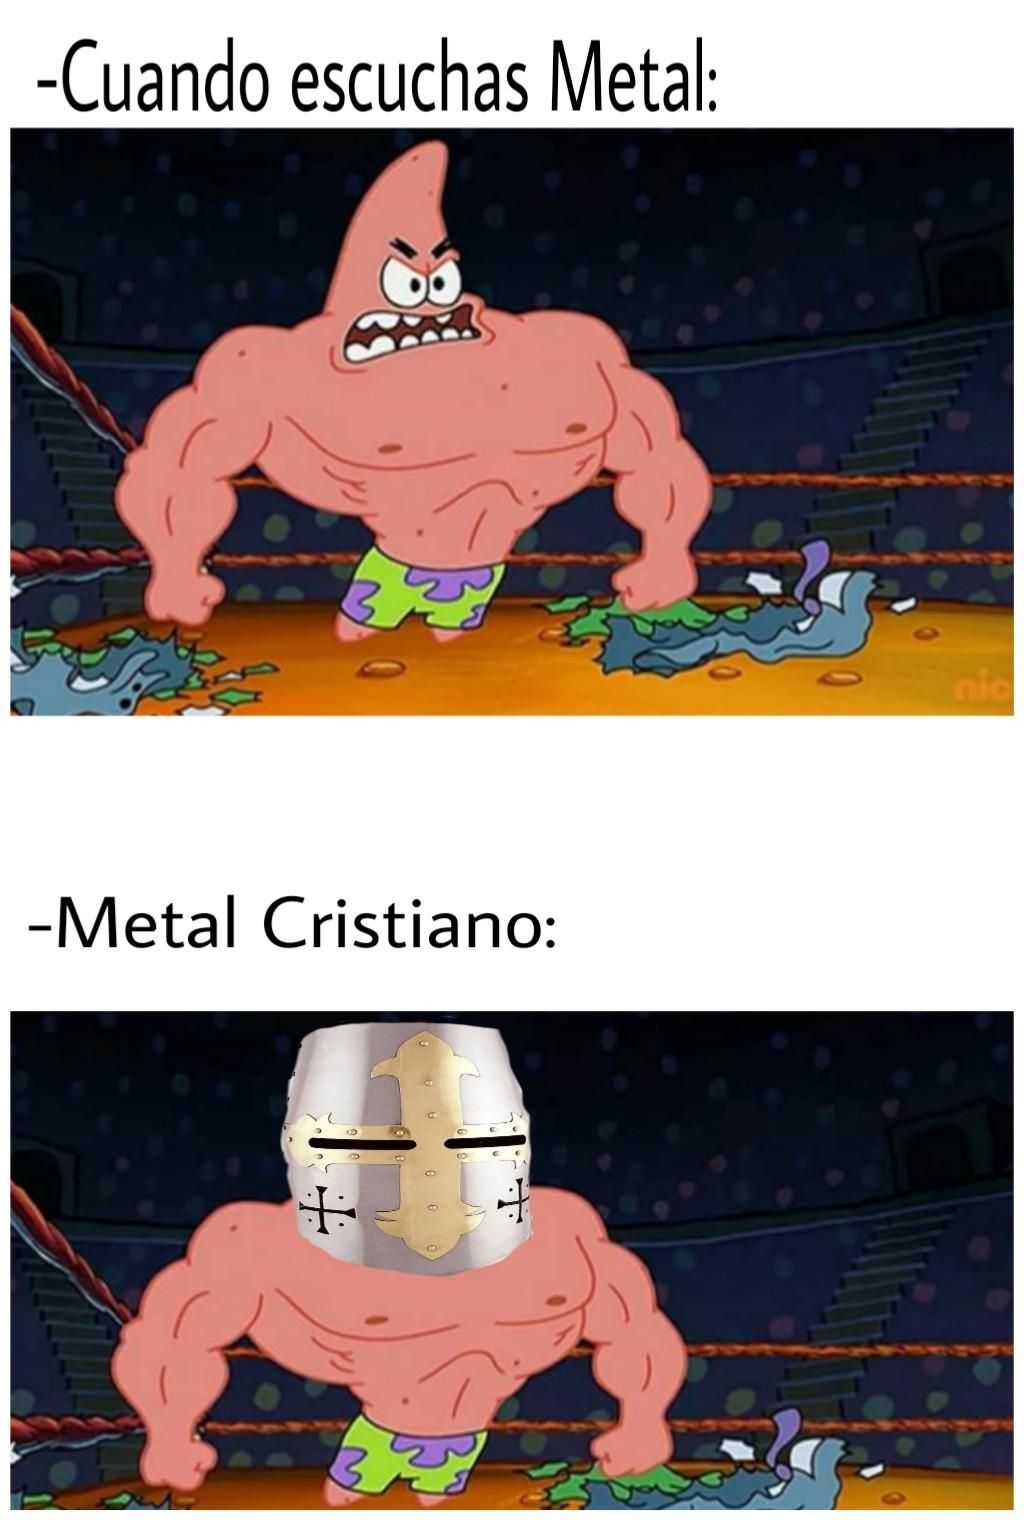 Jesucristo el Metalero. - meme